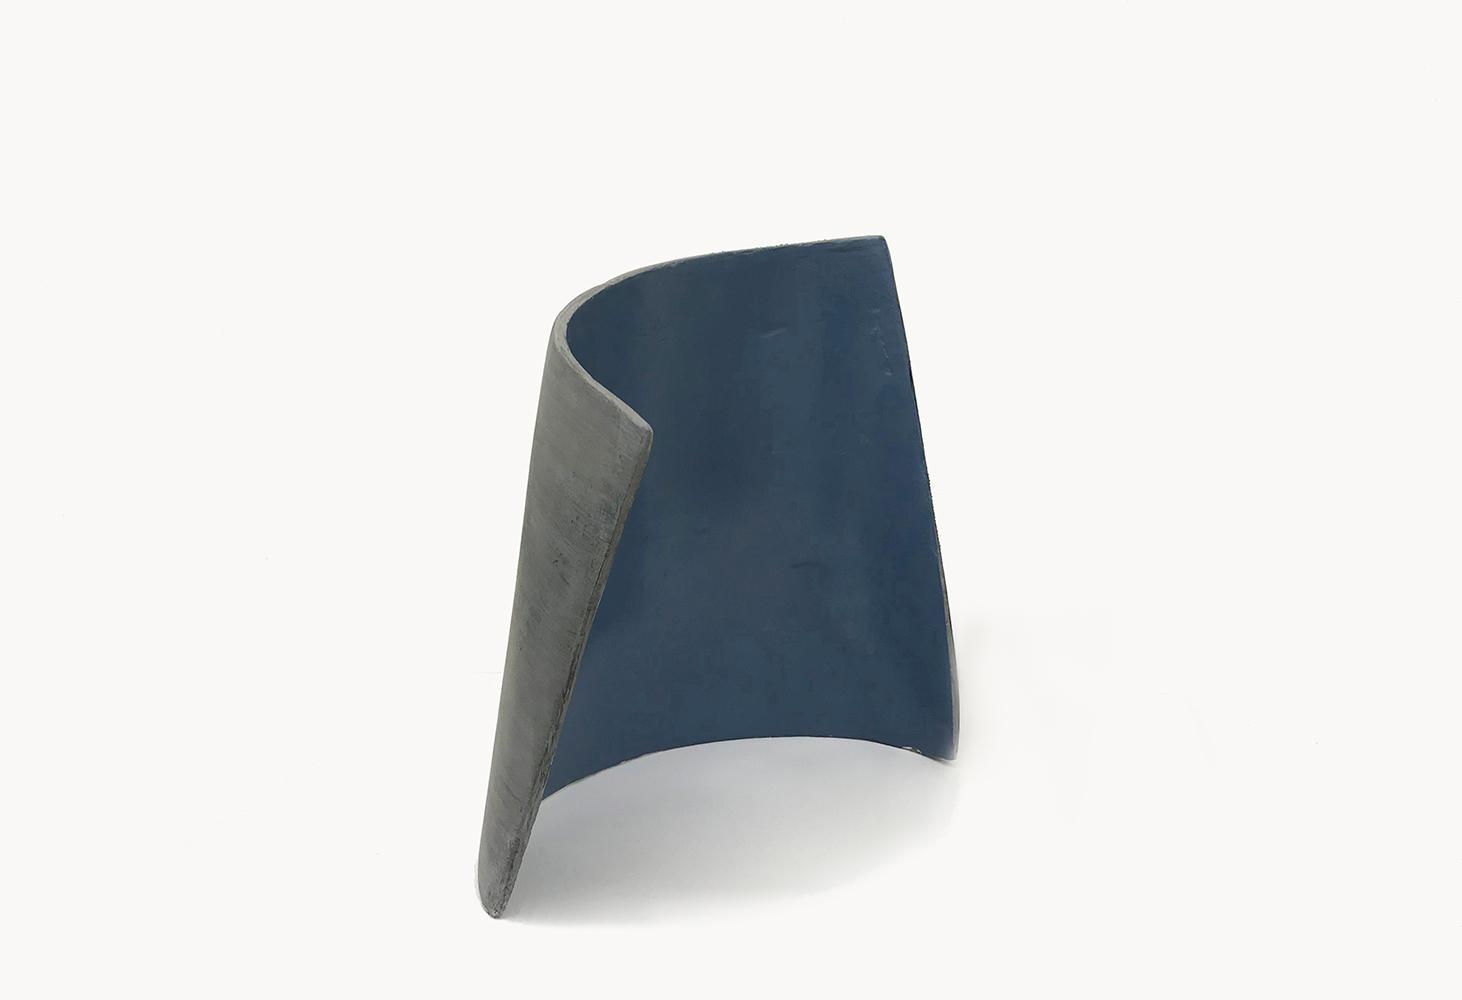 Simone Rochon, Formes fléchies no. 1 , 2017, plâtre, fibre de verre et peinture acrylique, dimensions variable.